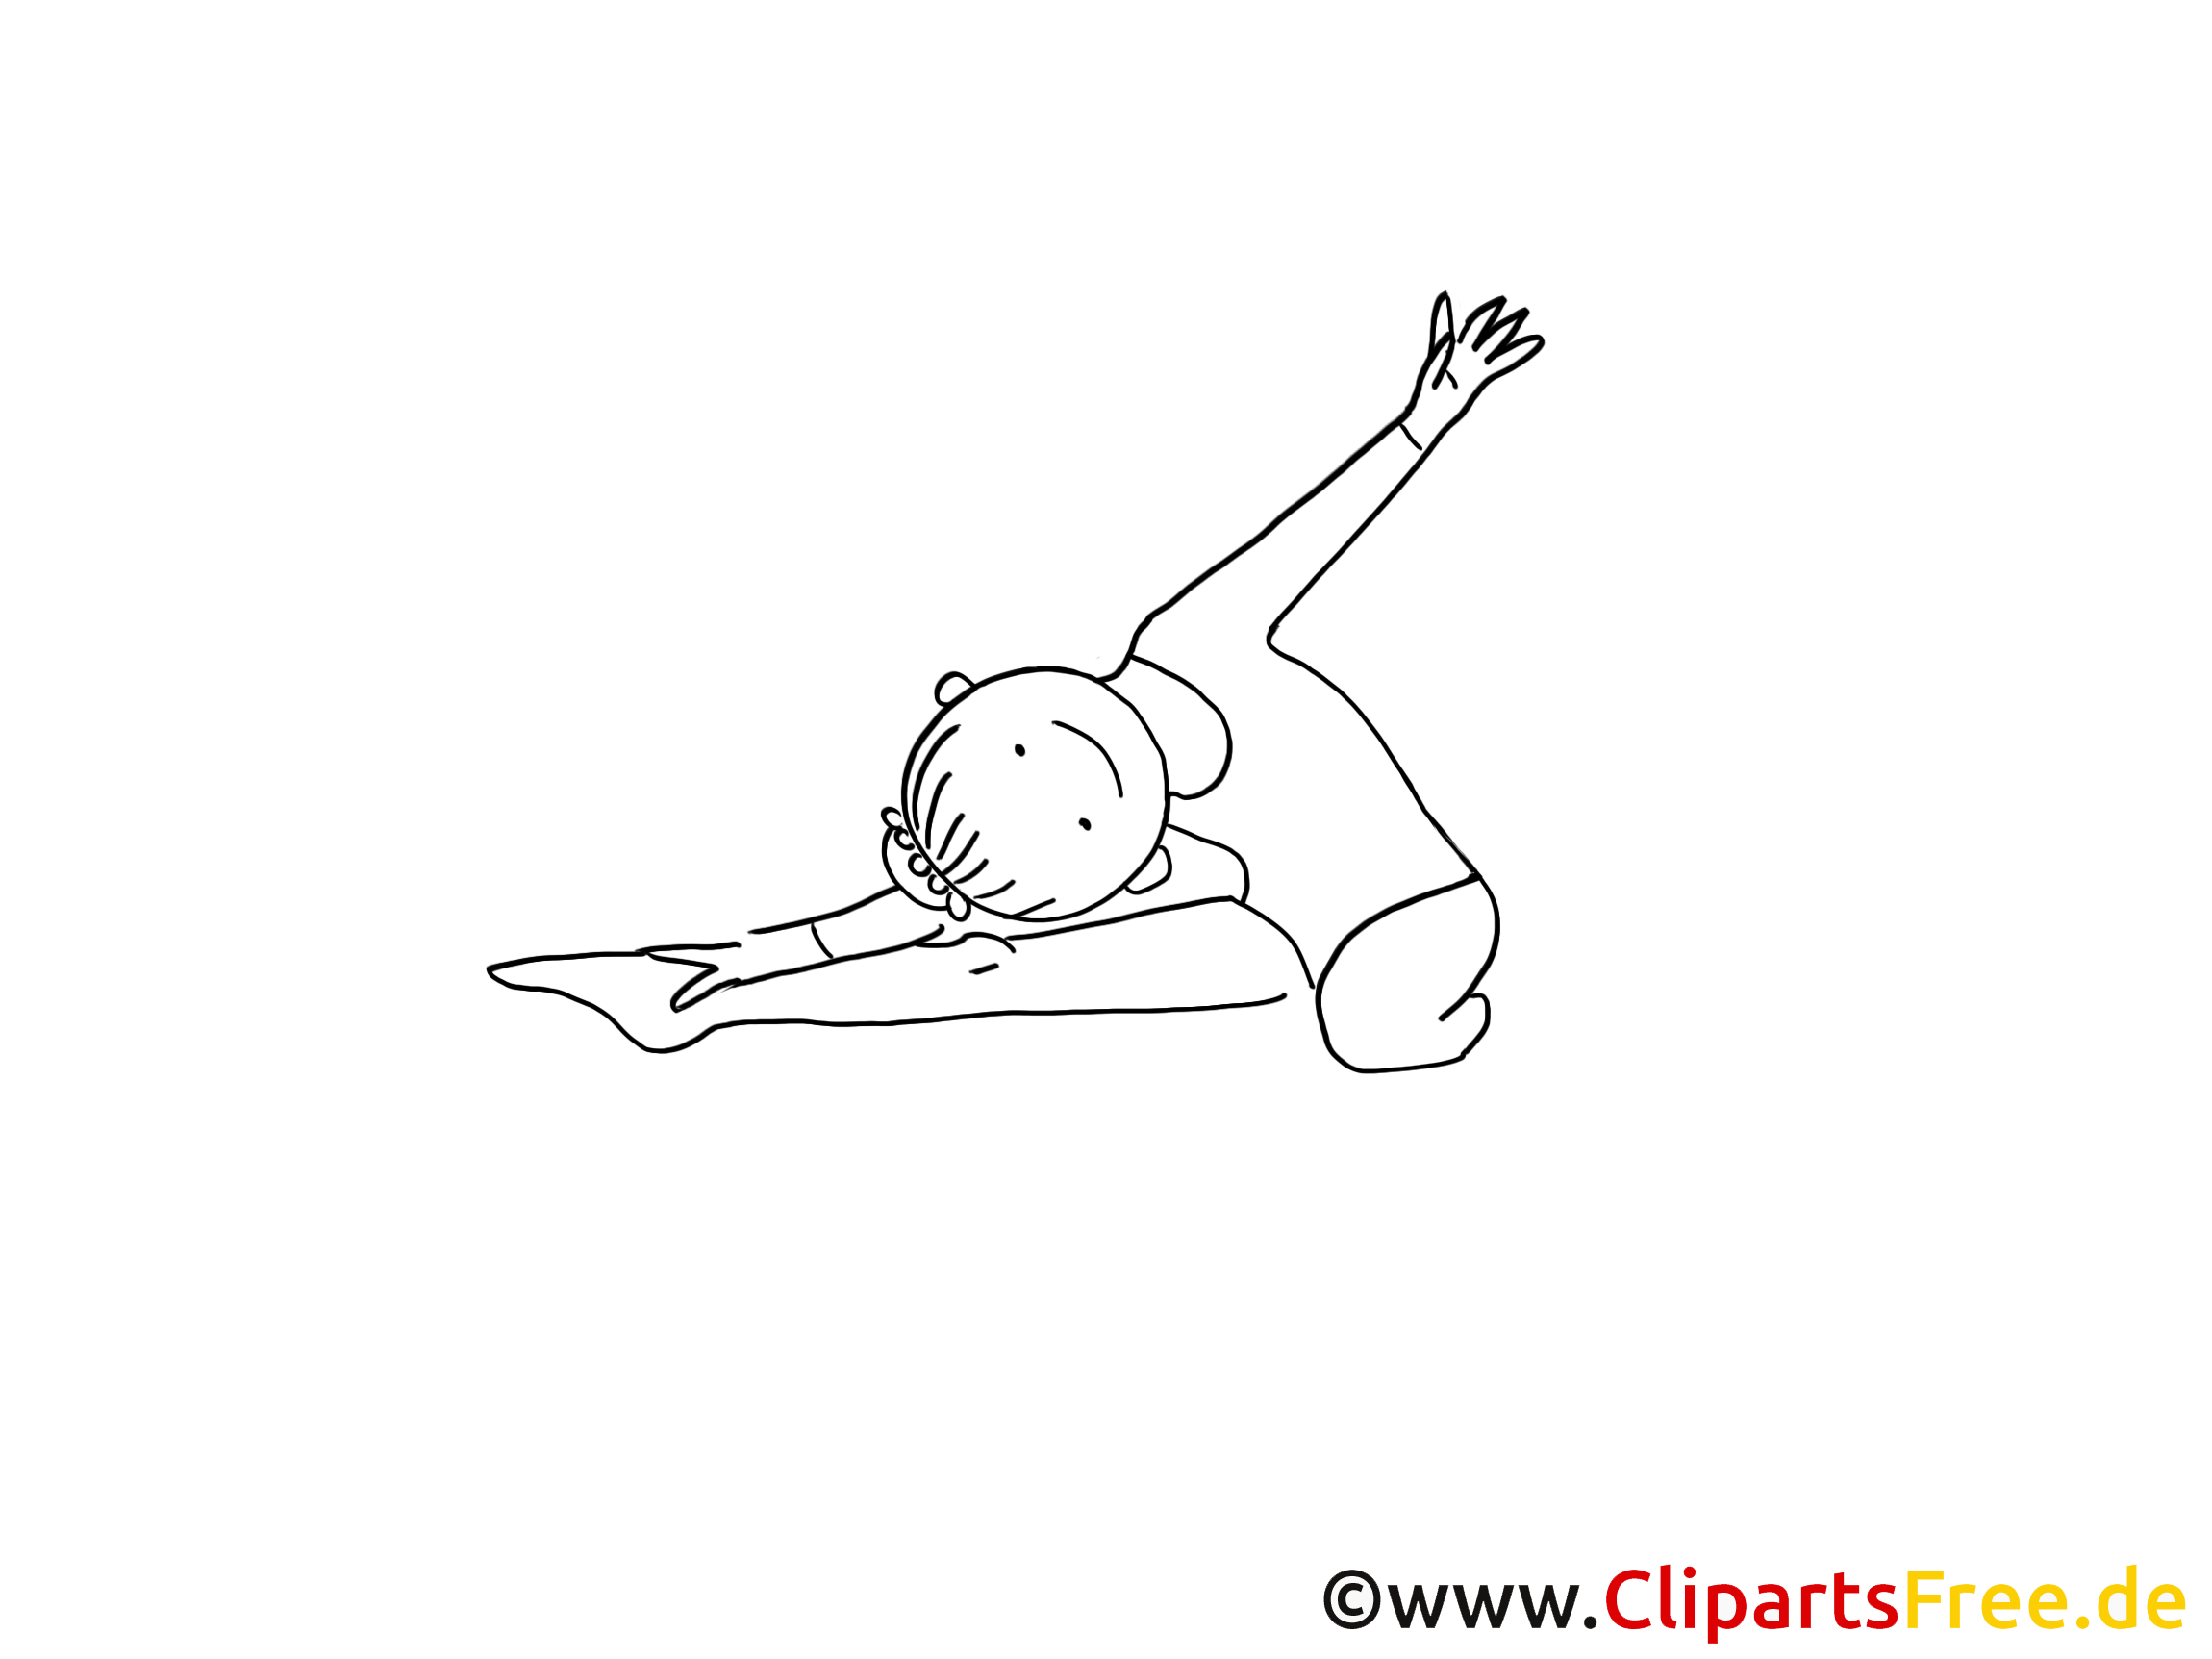 Coloriage gymnastique clipart gratuit dessins enfants dessin picture image graphic clip - Dessin gymnaste ...